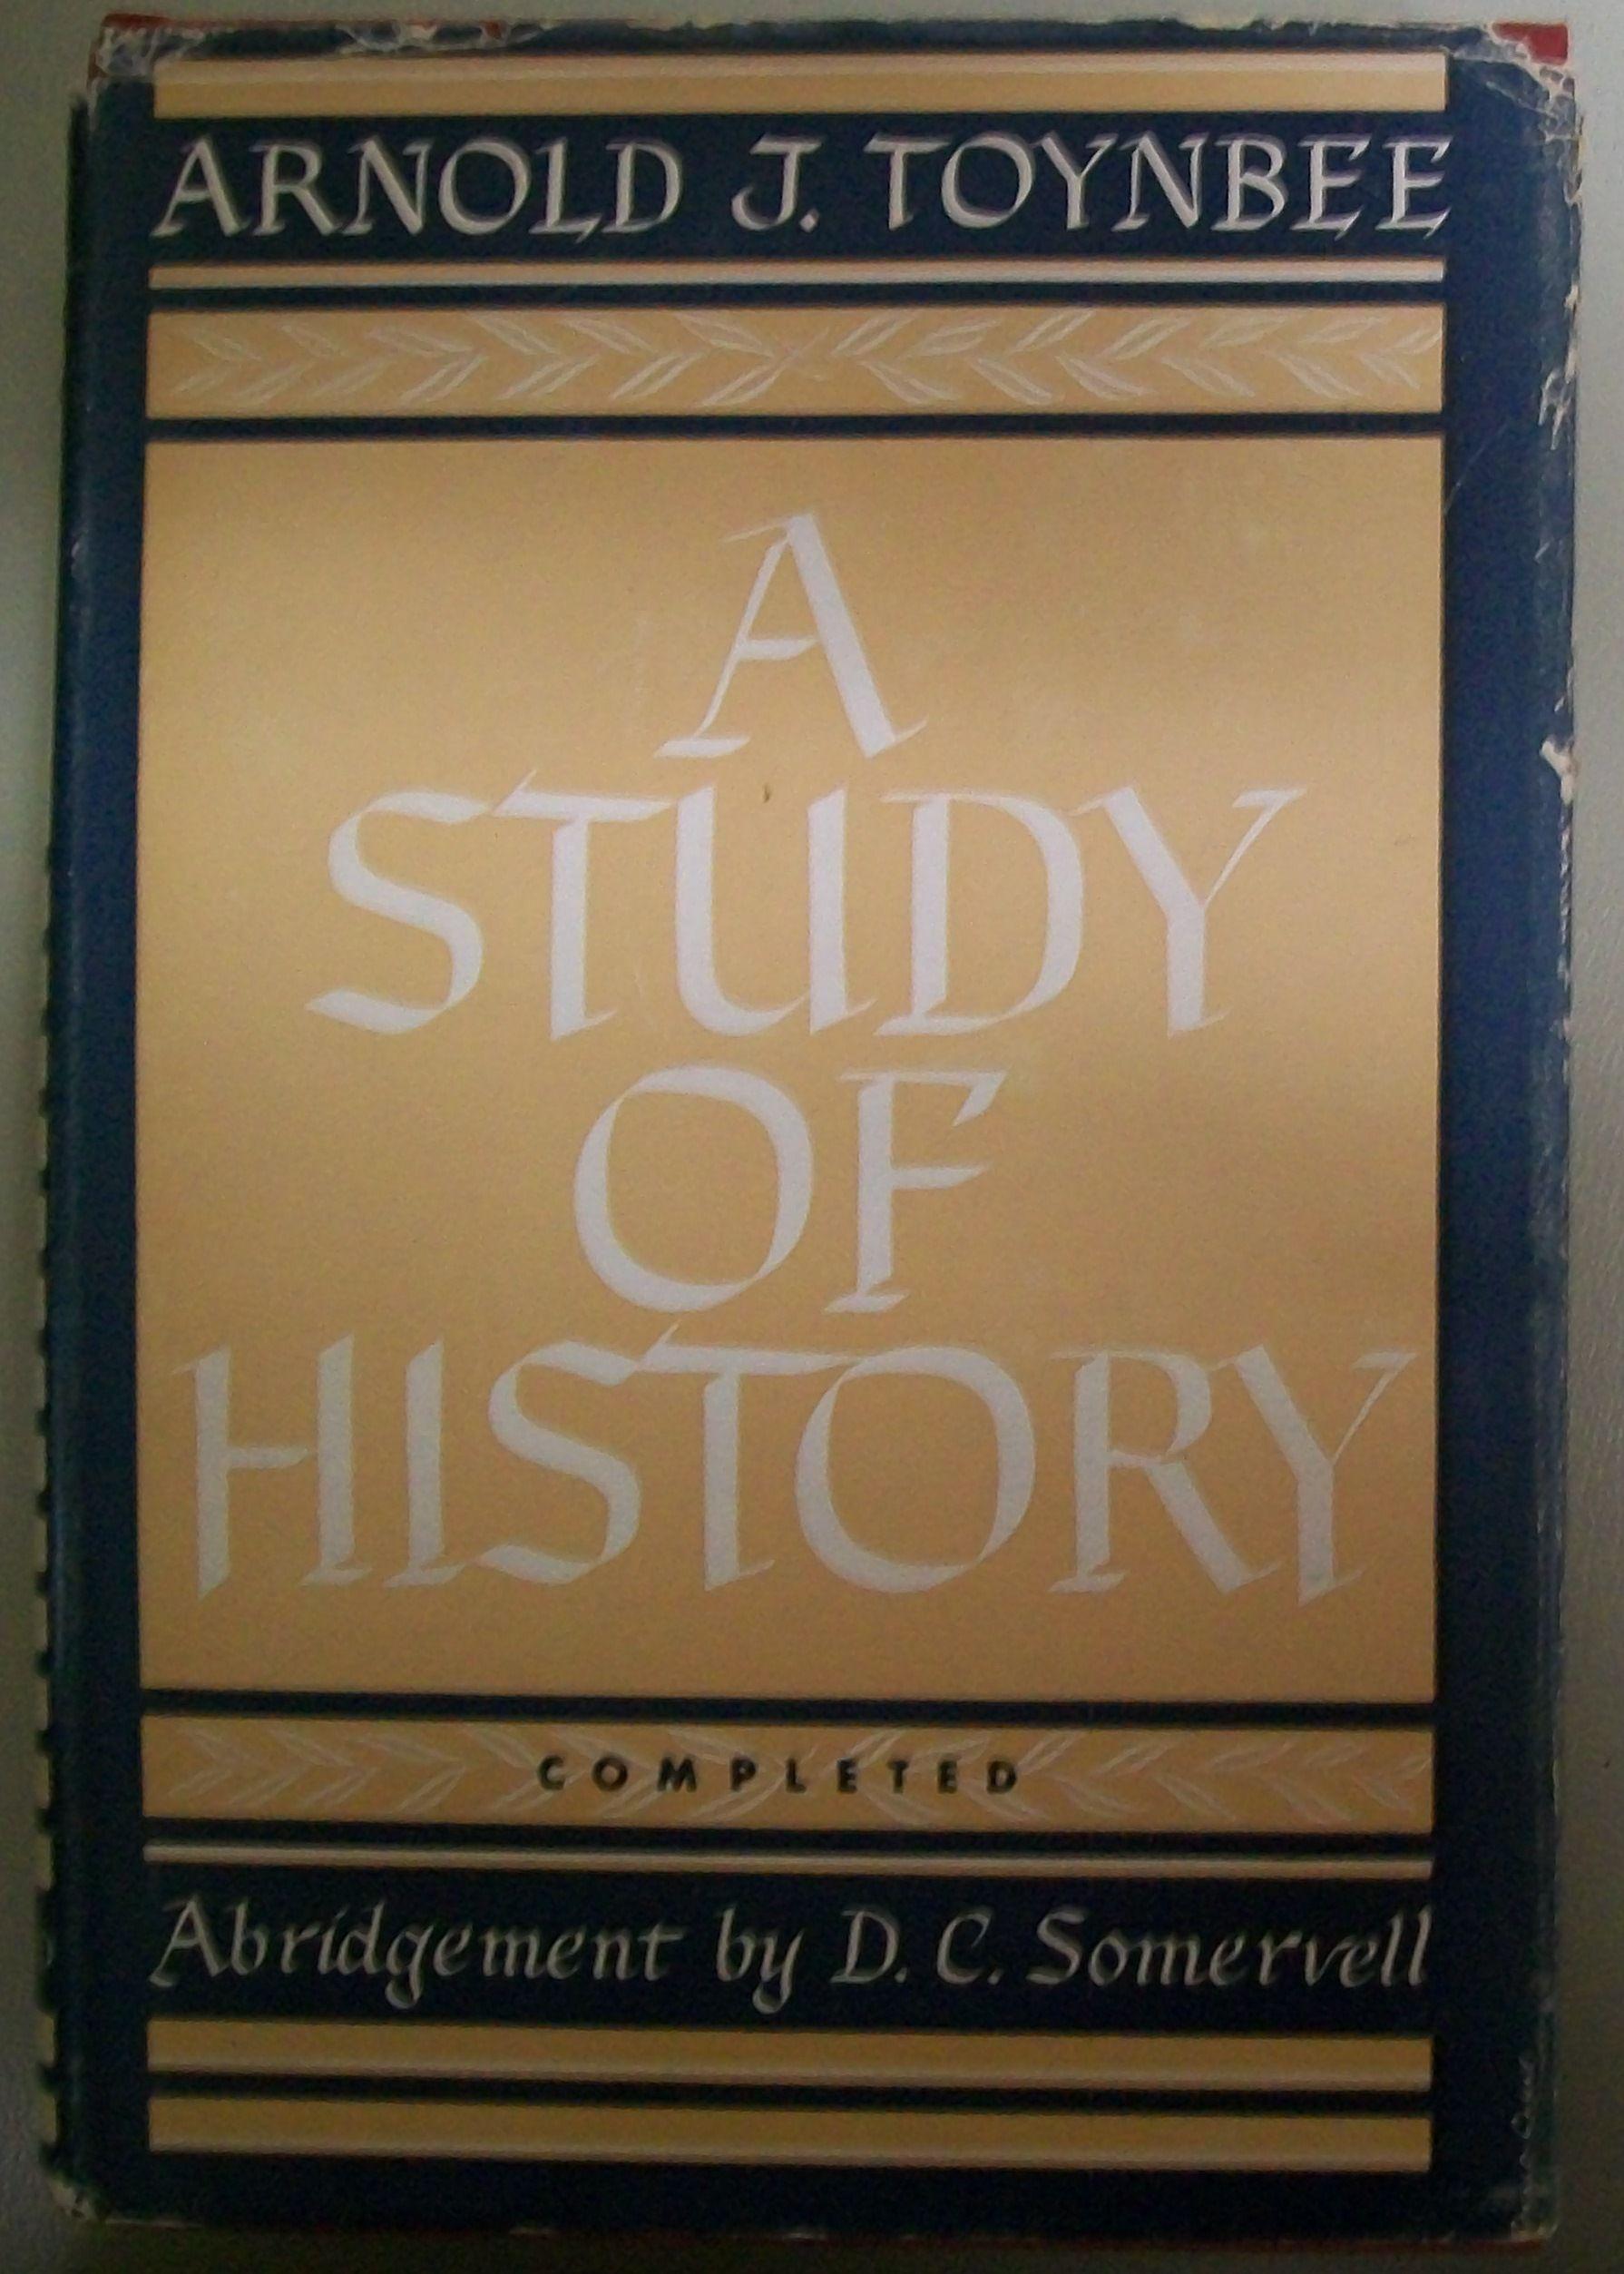 A Study of History - Wikipedia